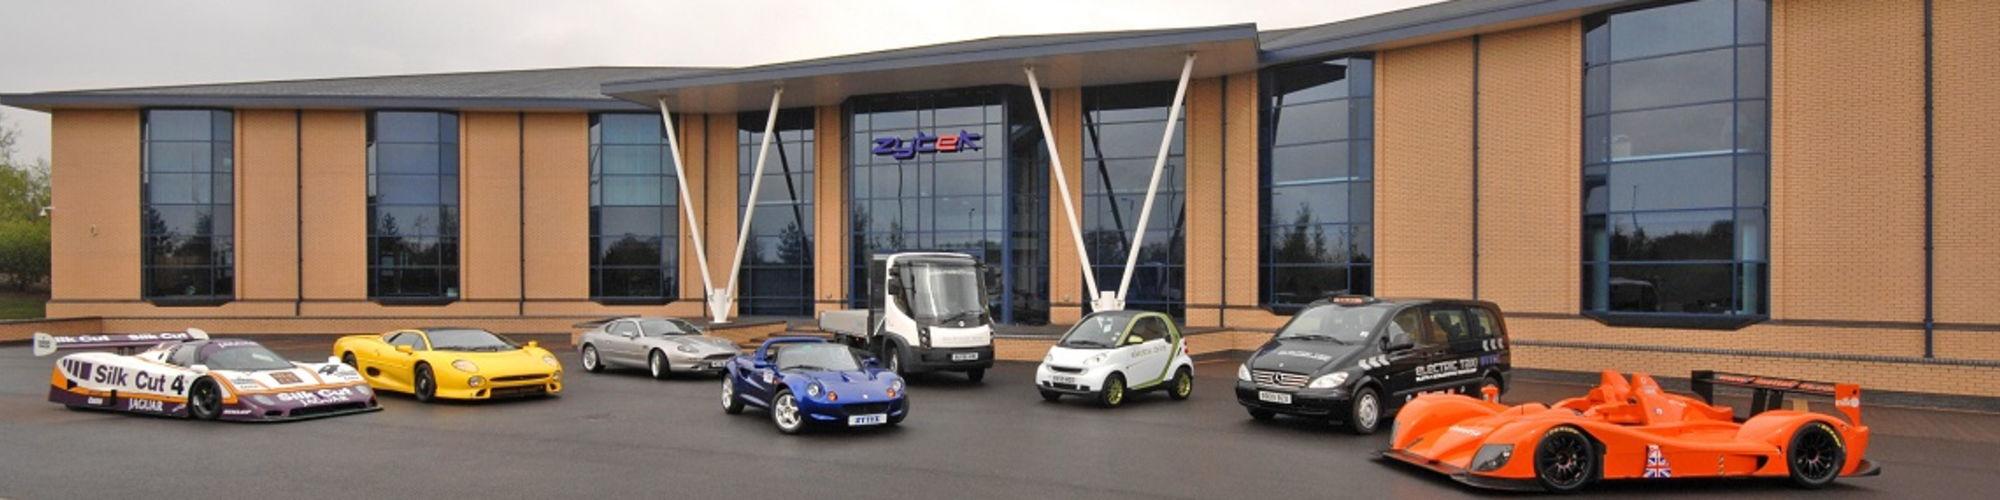 Zytek Automotive Ltd. cover image